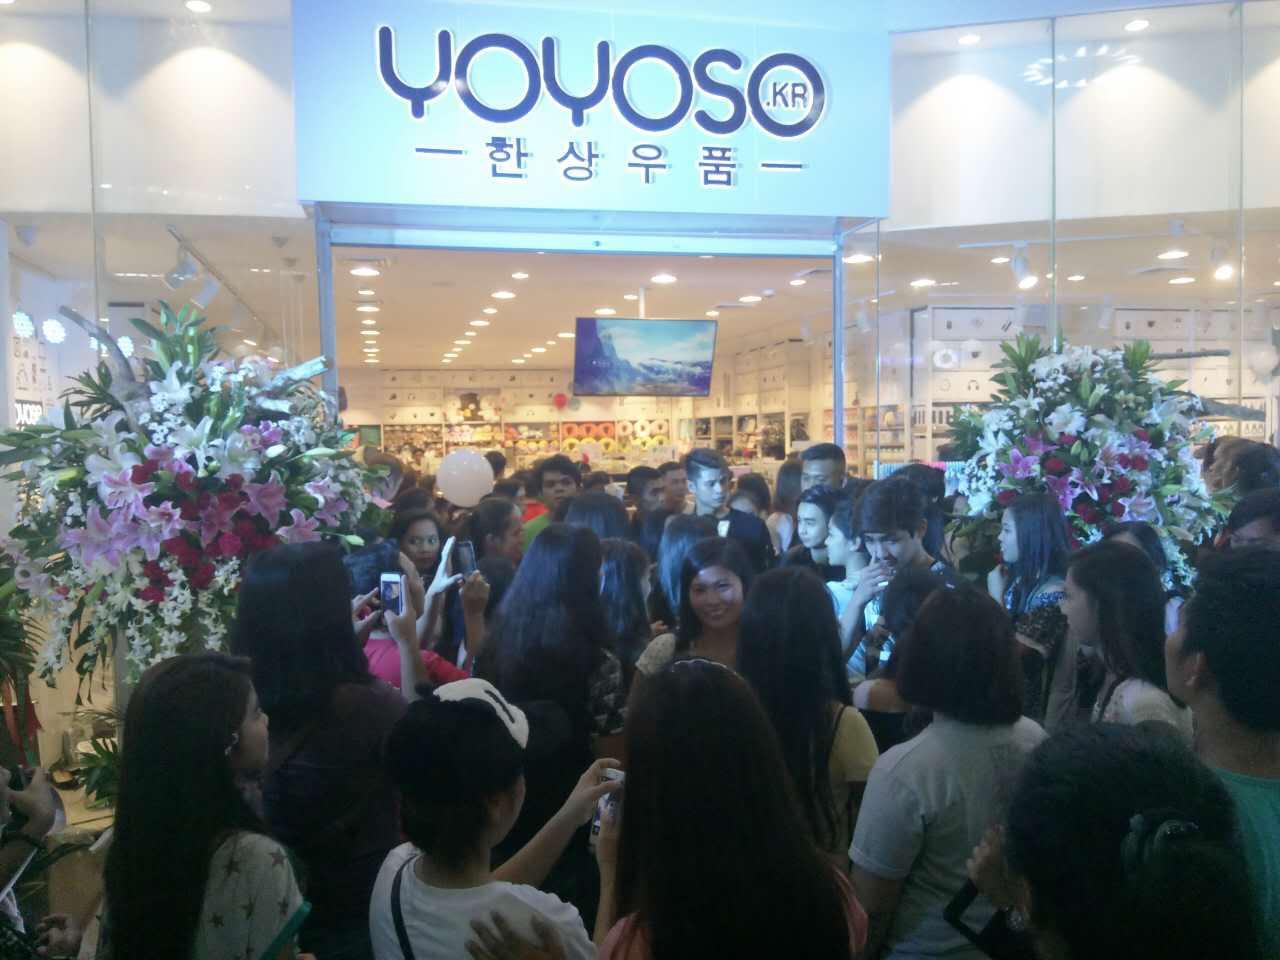 YOYOSO韩尚优品菲律宾旗舰店开业盛况空前,引购物狂潮!